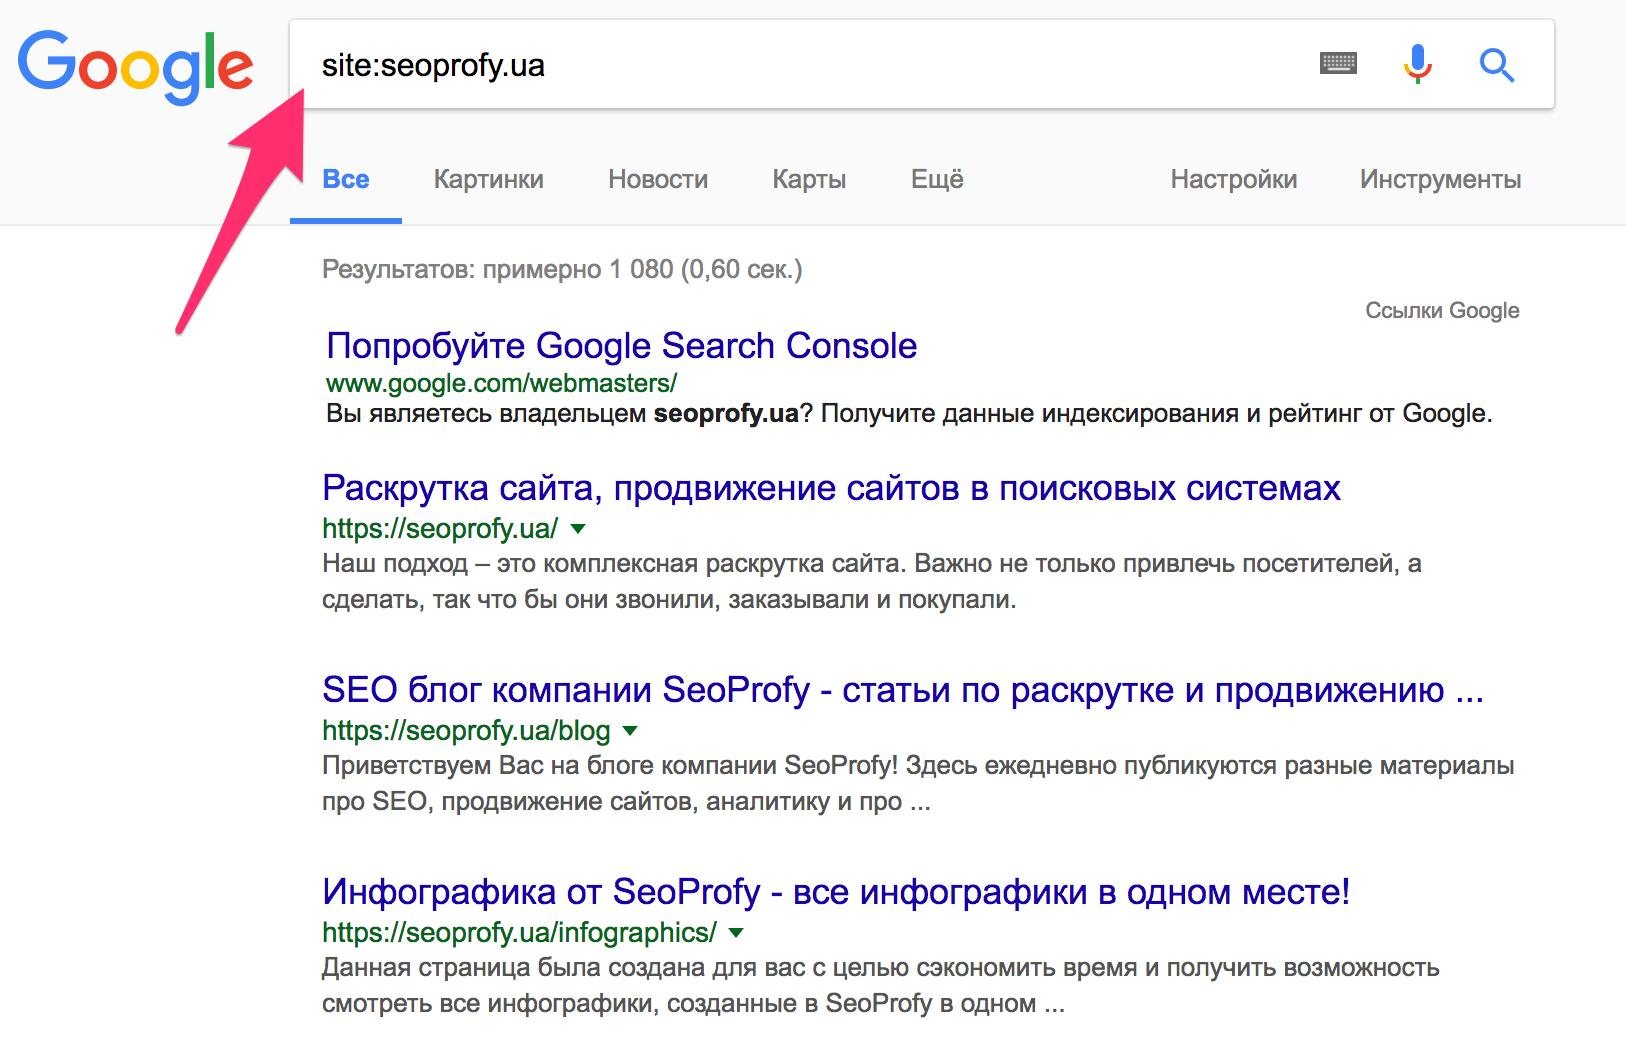 через оператор site:seoprofy.ua